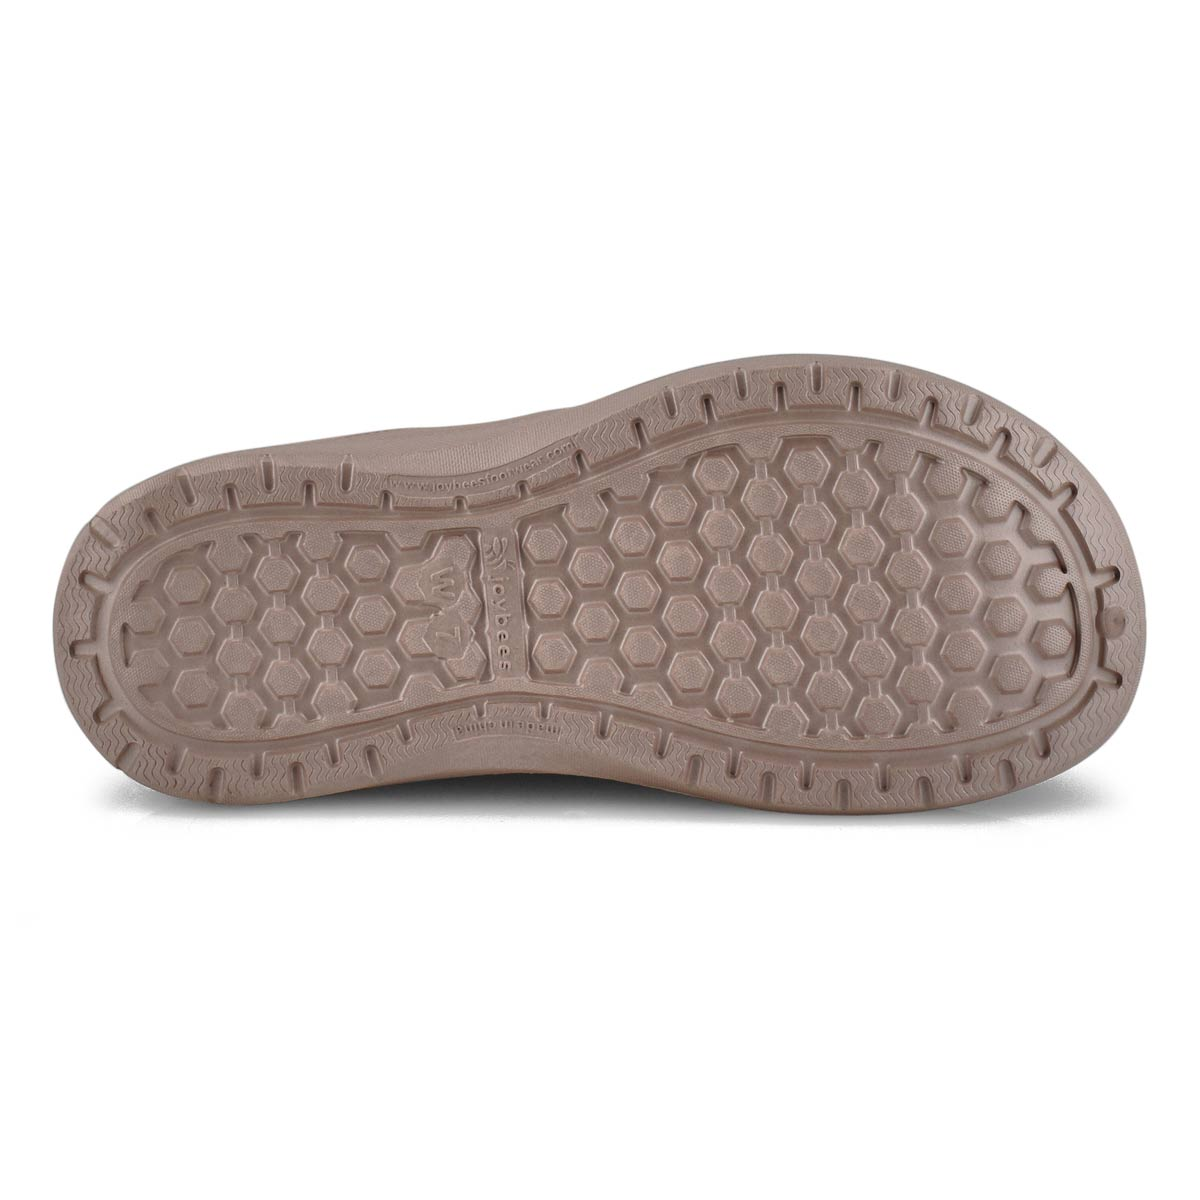 Unisex Uaslp Comfort Clog - Rose Gold/ Natural